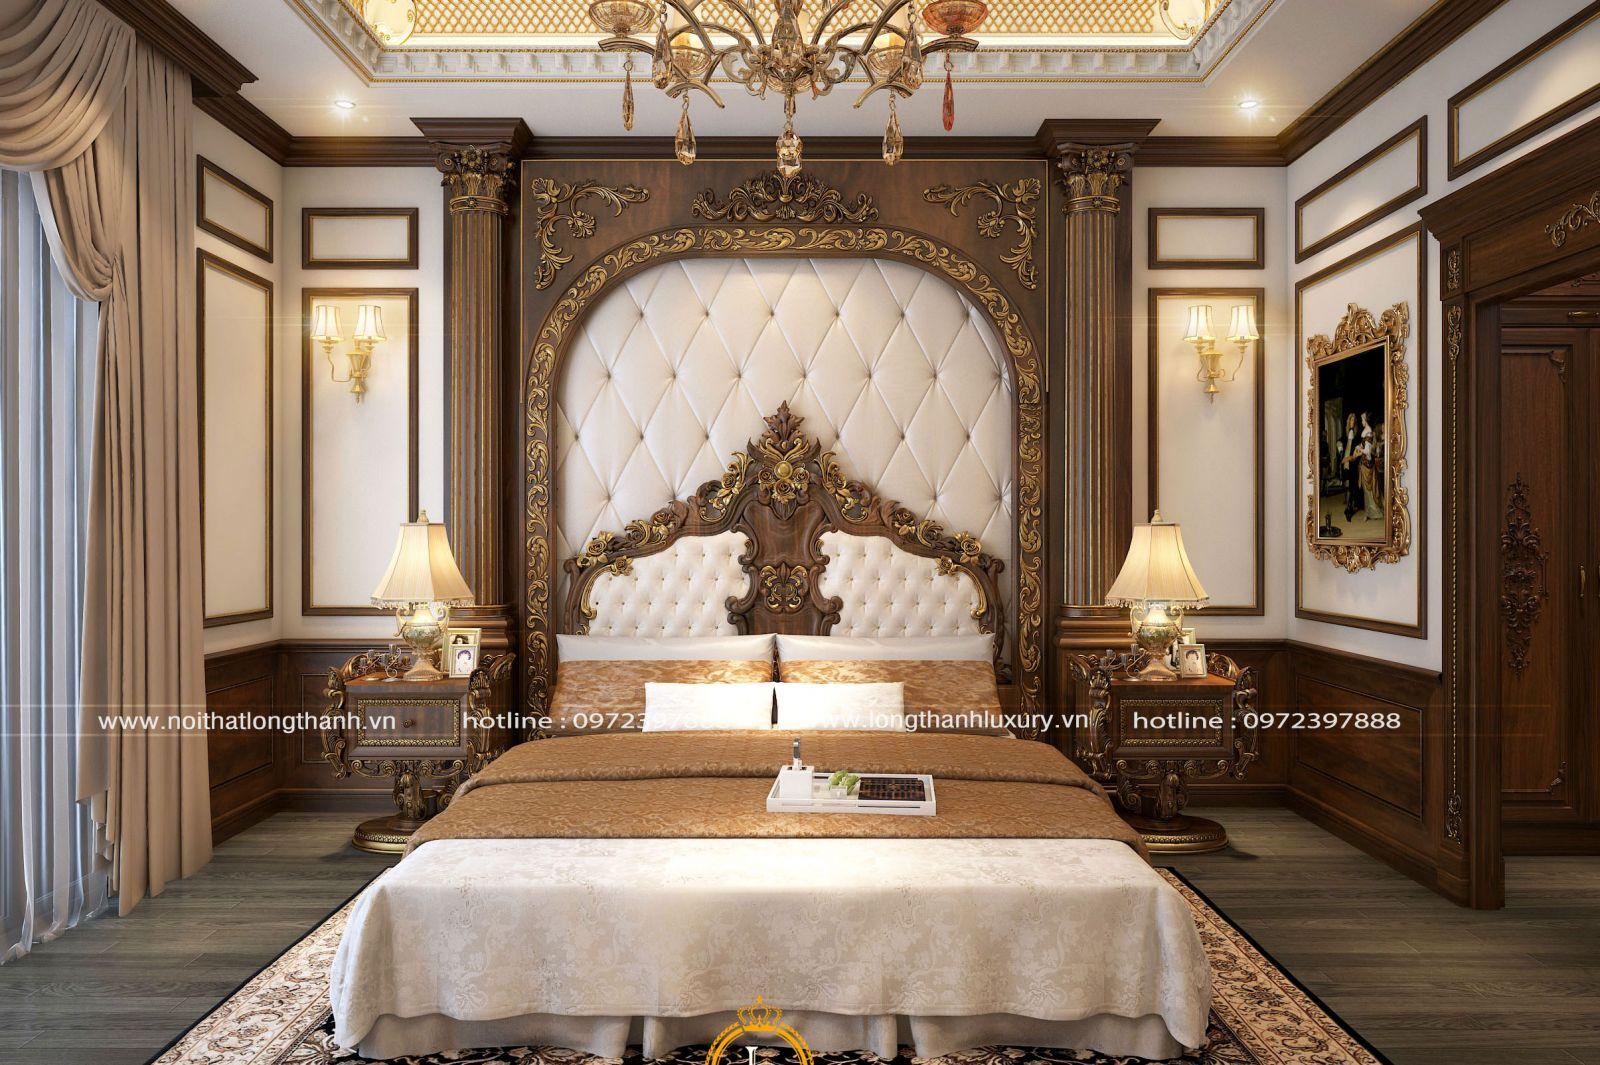 Không gian phòng ngủ cổ điển với họa tiết hoa văn dát vàng ấn tượng